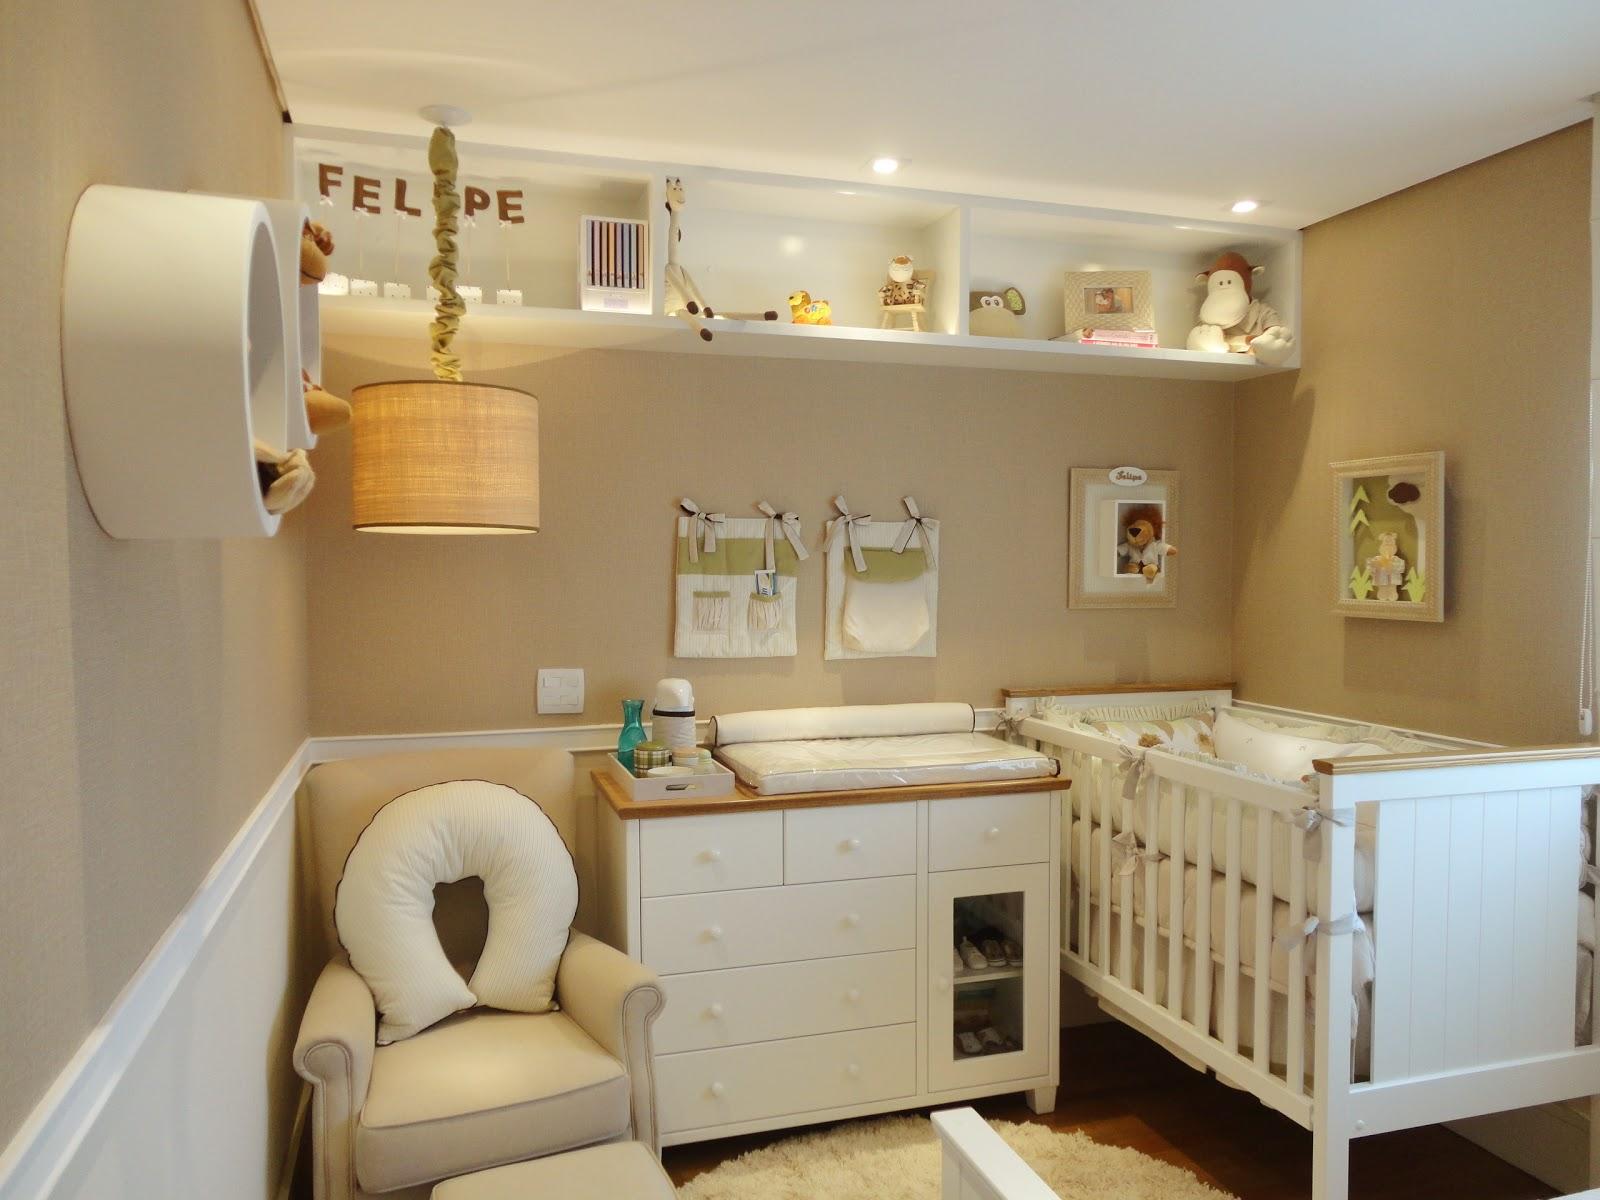 Studio Casa Mix: Projeto : Quarto de bebê !!! #9A6F31 1600x1200 Banheiro De Bebe Decorado